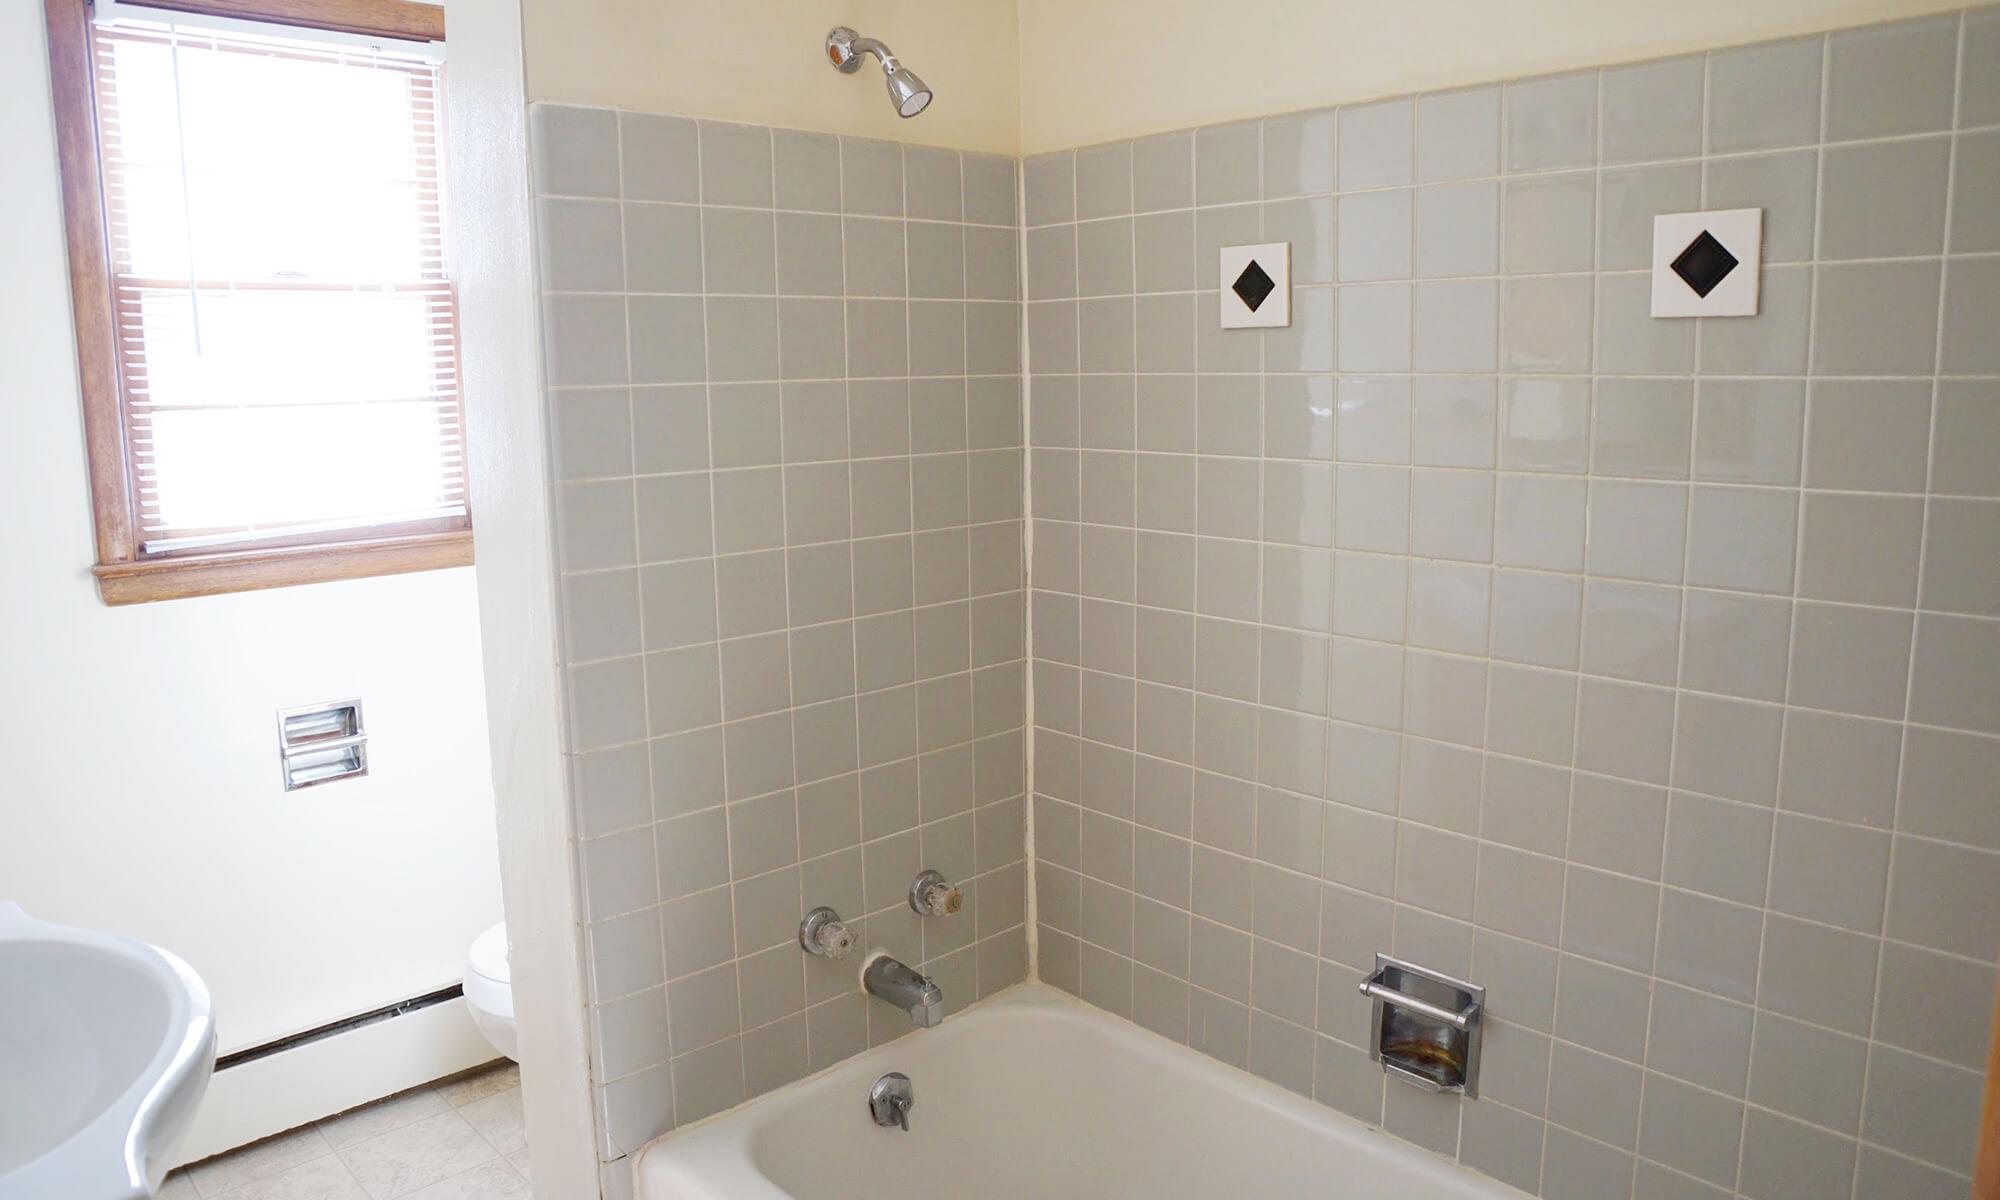 2B 1B TH Bath 2